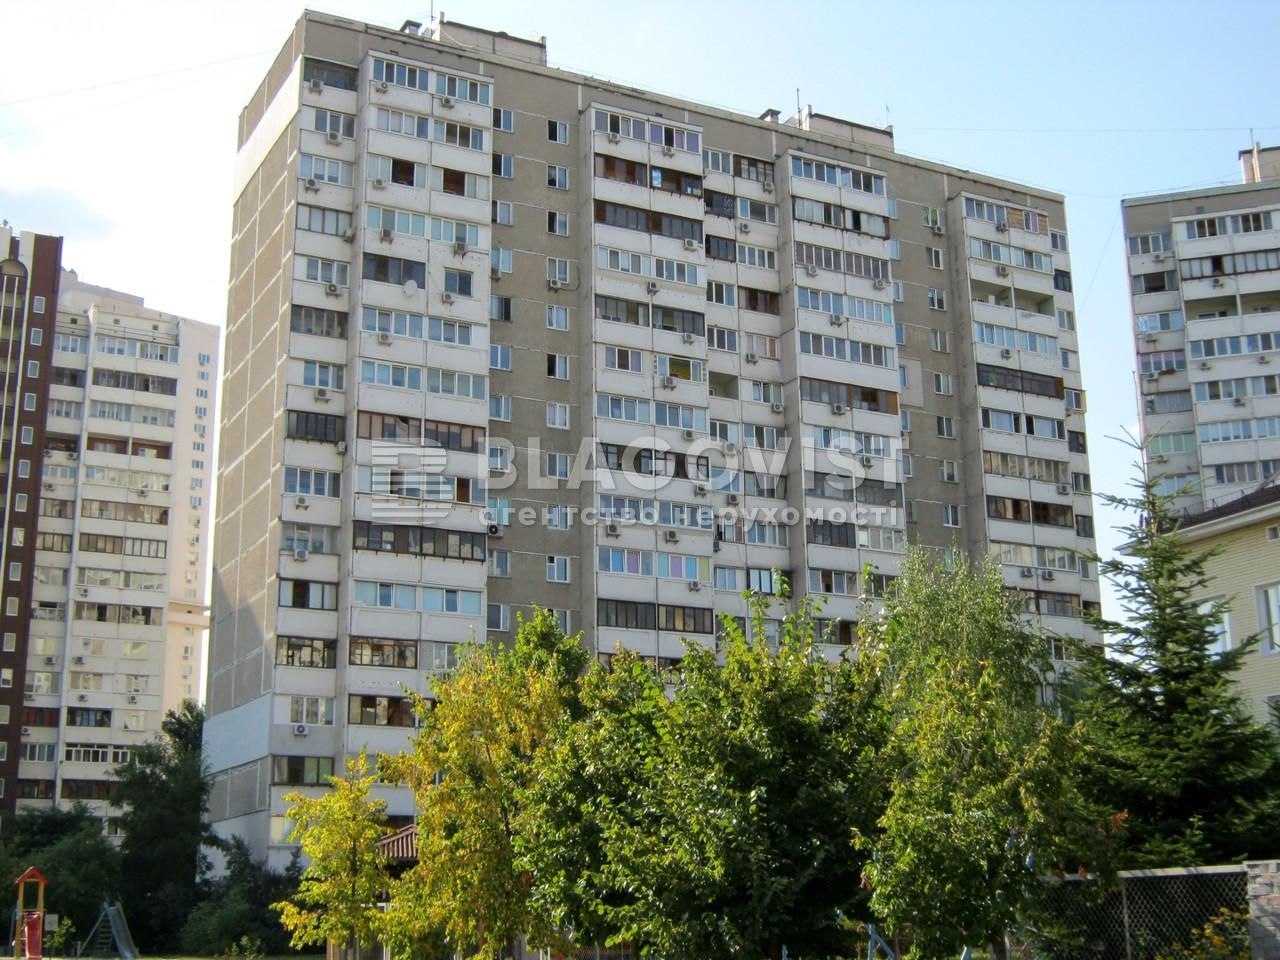 Квартира R-19376, Мишуги Александра, 3, Киев - Фото 3